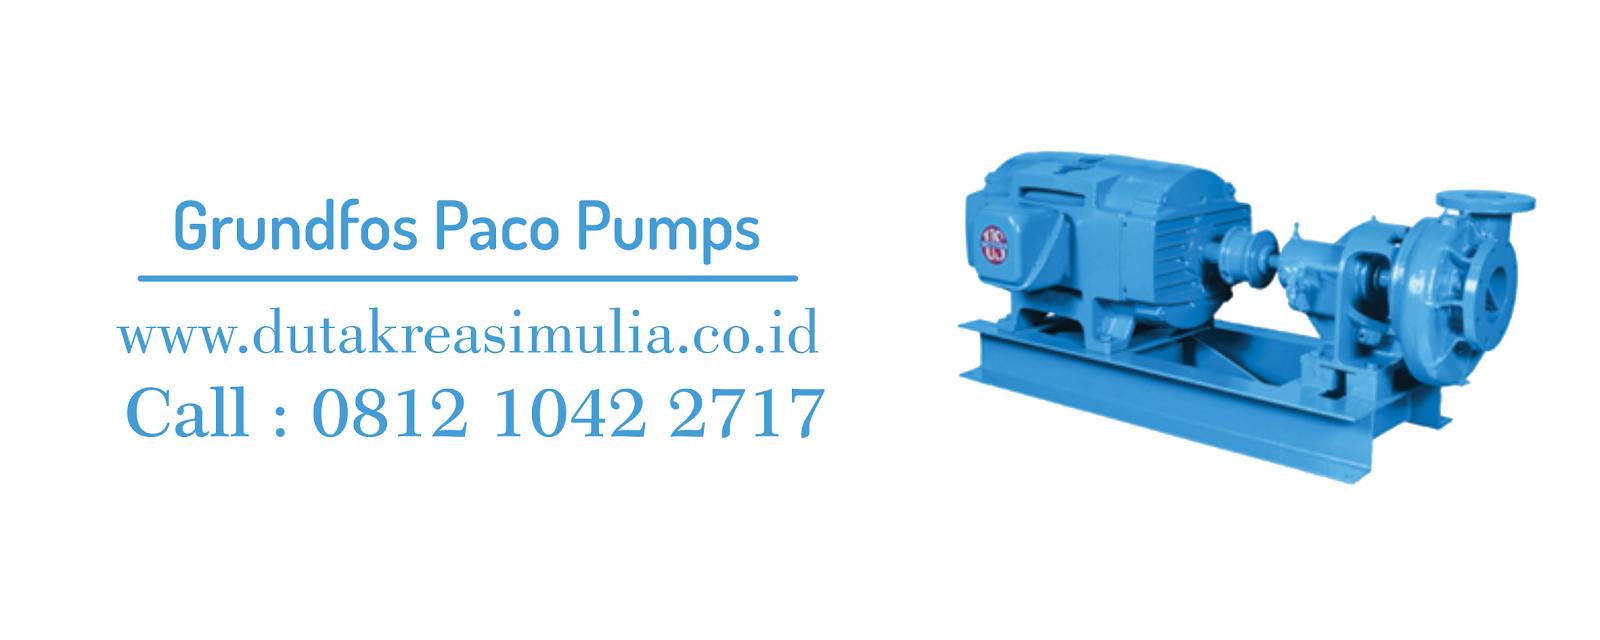 Aurora Pump Distributors